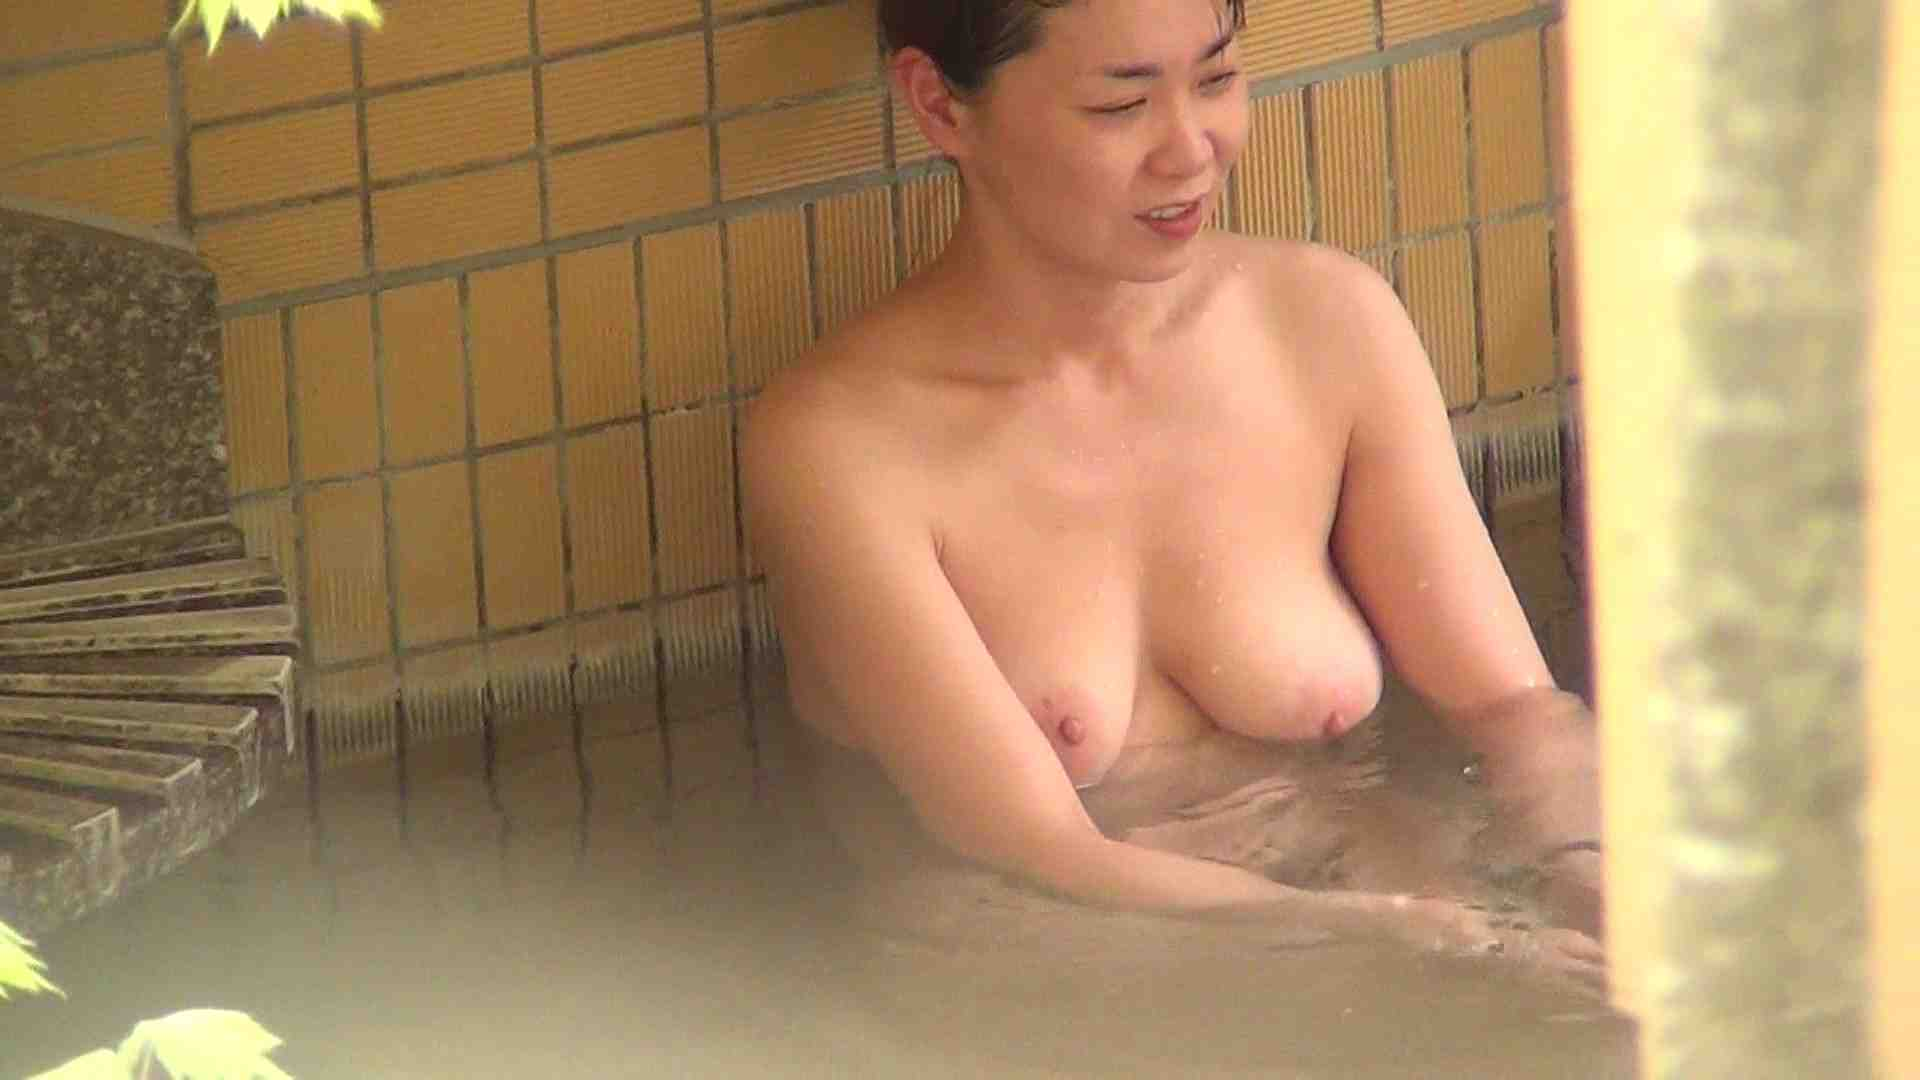 Aquaな露天風呂Vol.238 女体盗撮 盗撮えろ無修正画像 105連発 68